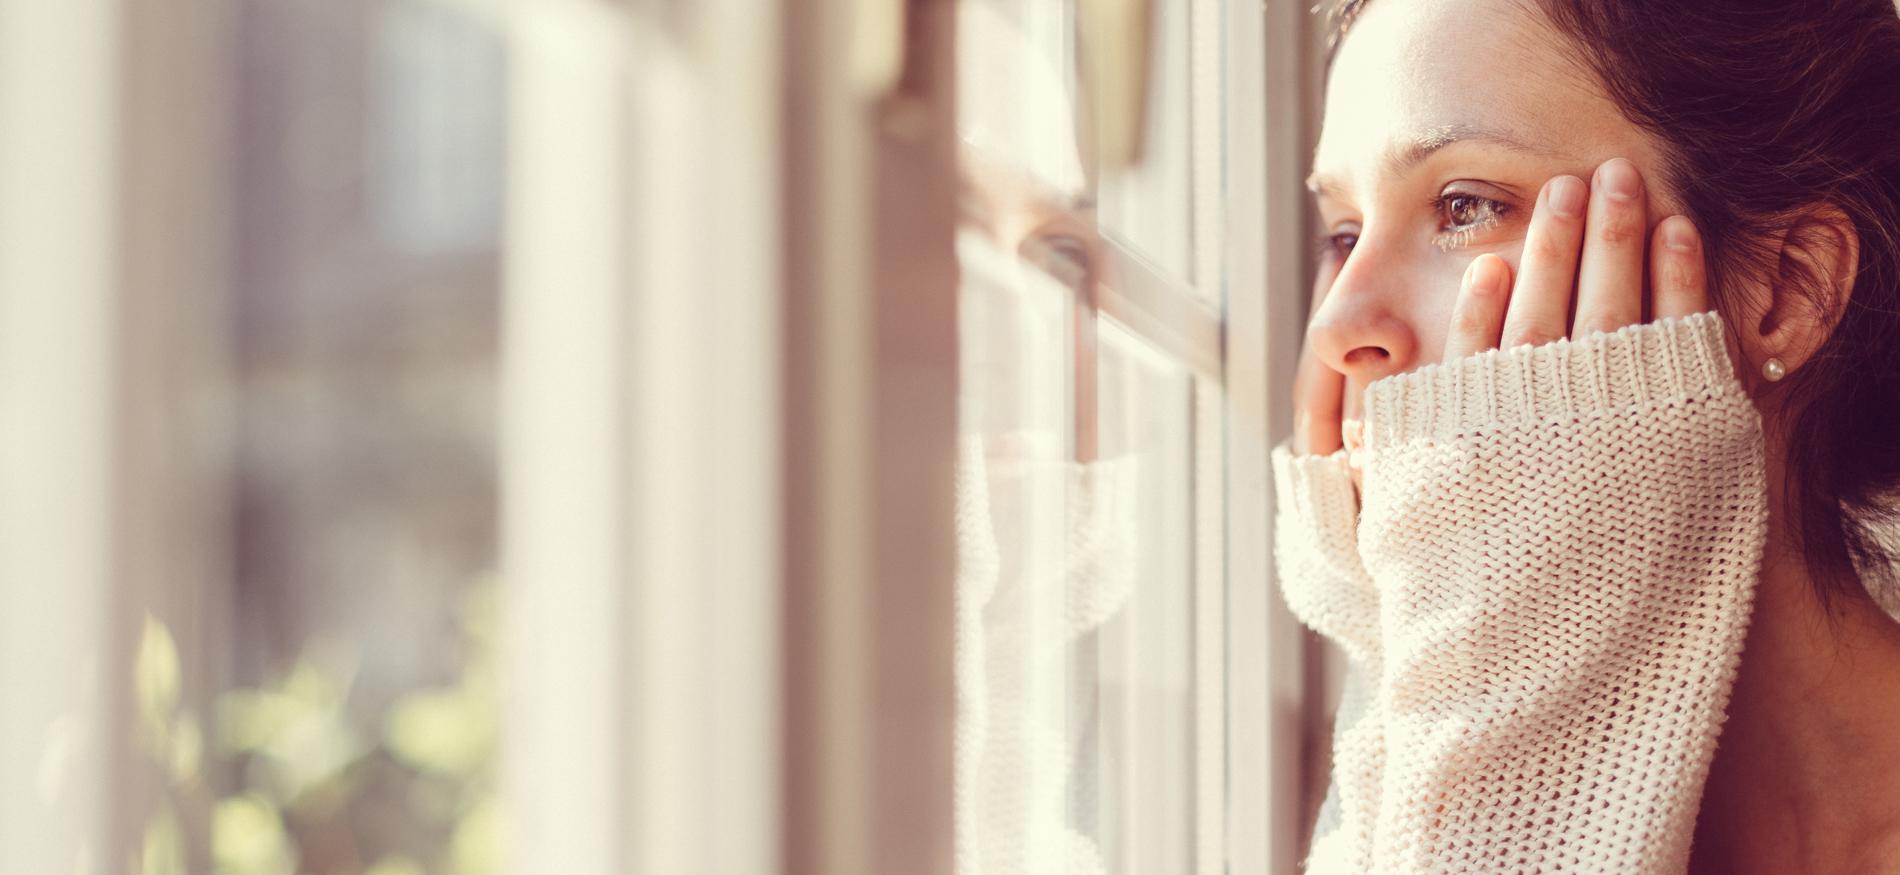 Comment Réagit Une Femme Trompée infidélité : comment elles se sont reconstruites après un